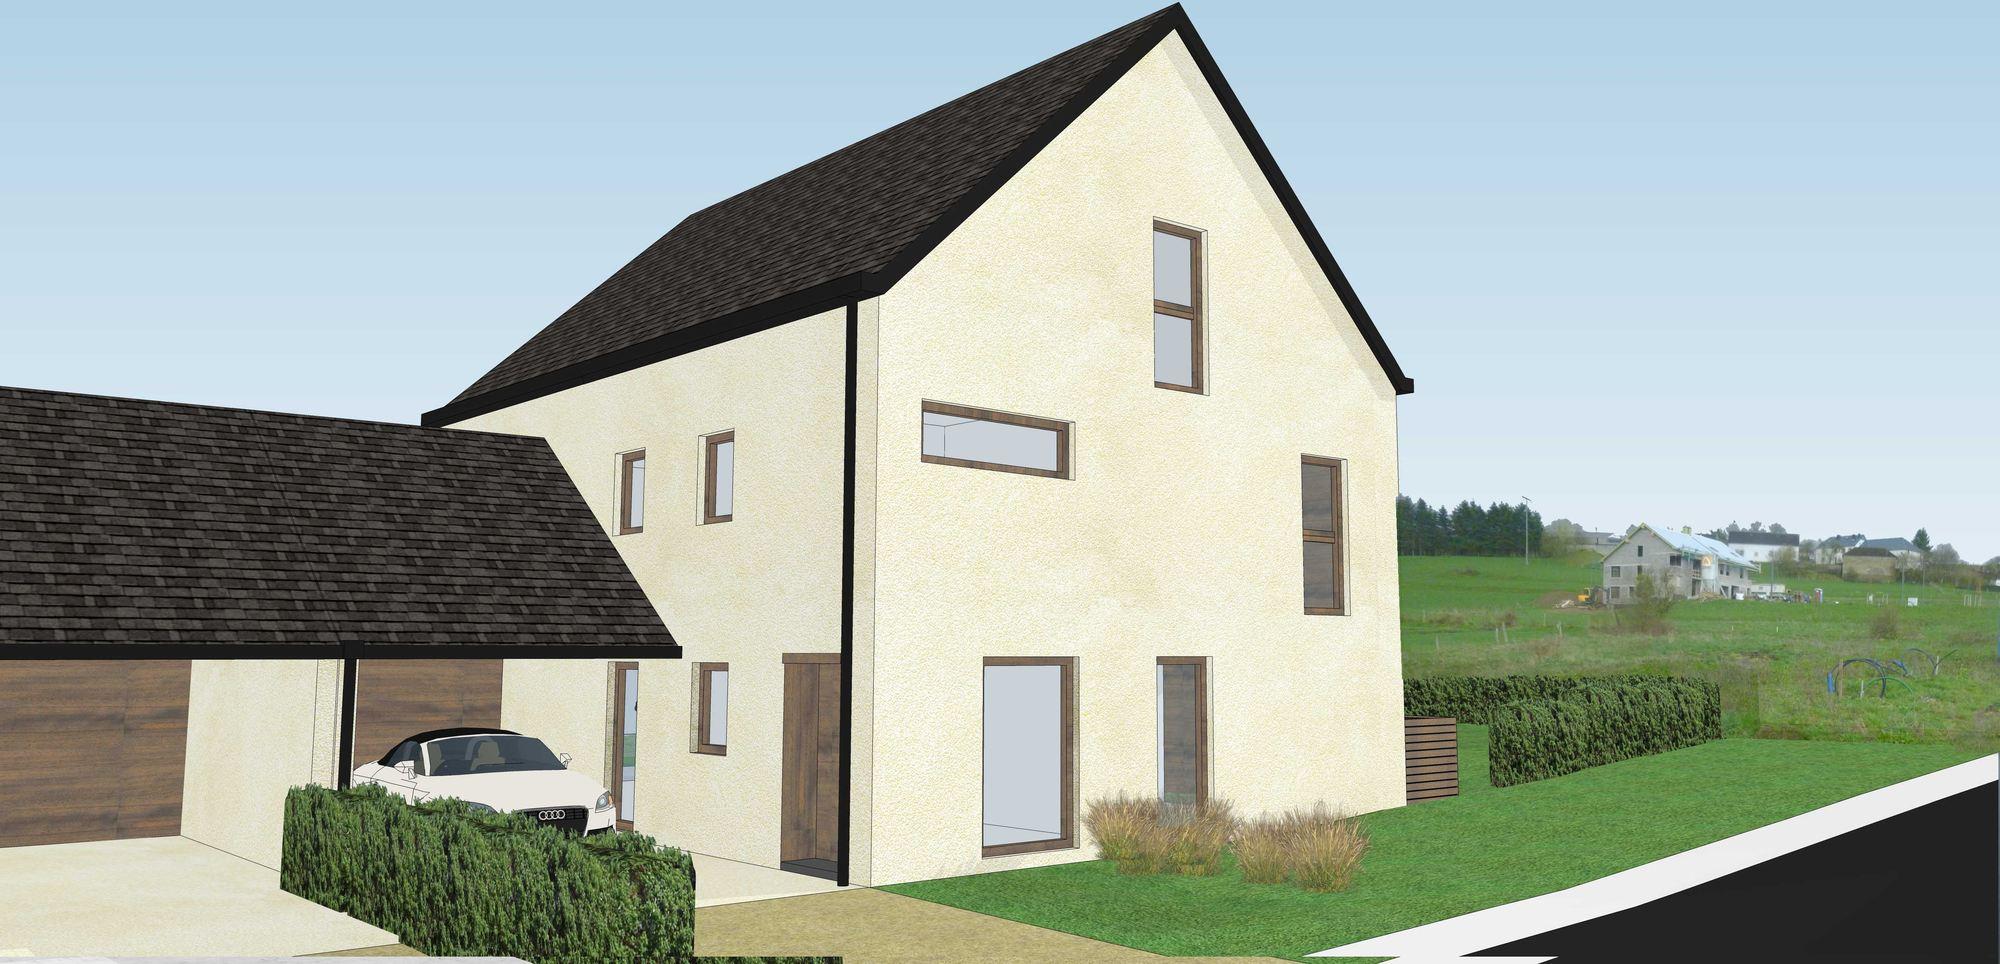 Paille tech kaundorf luxembourg maison bois paille terre for Architecte 3d bois